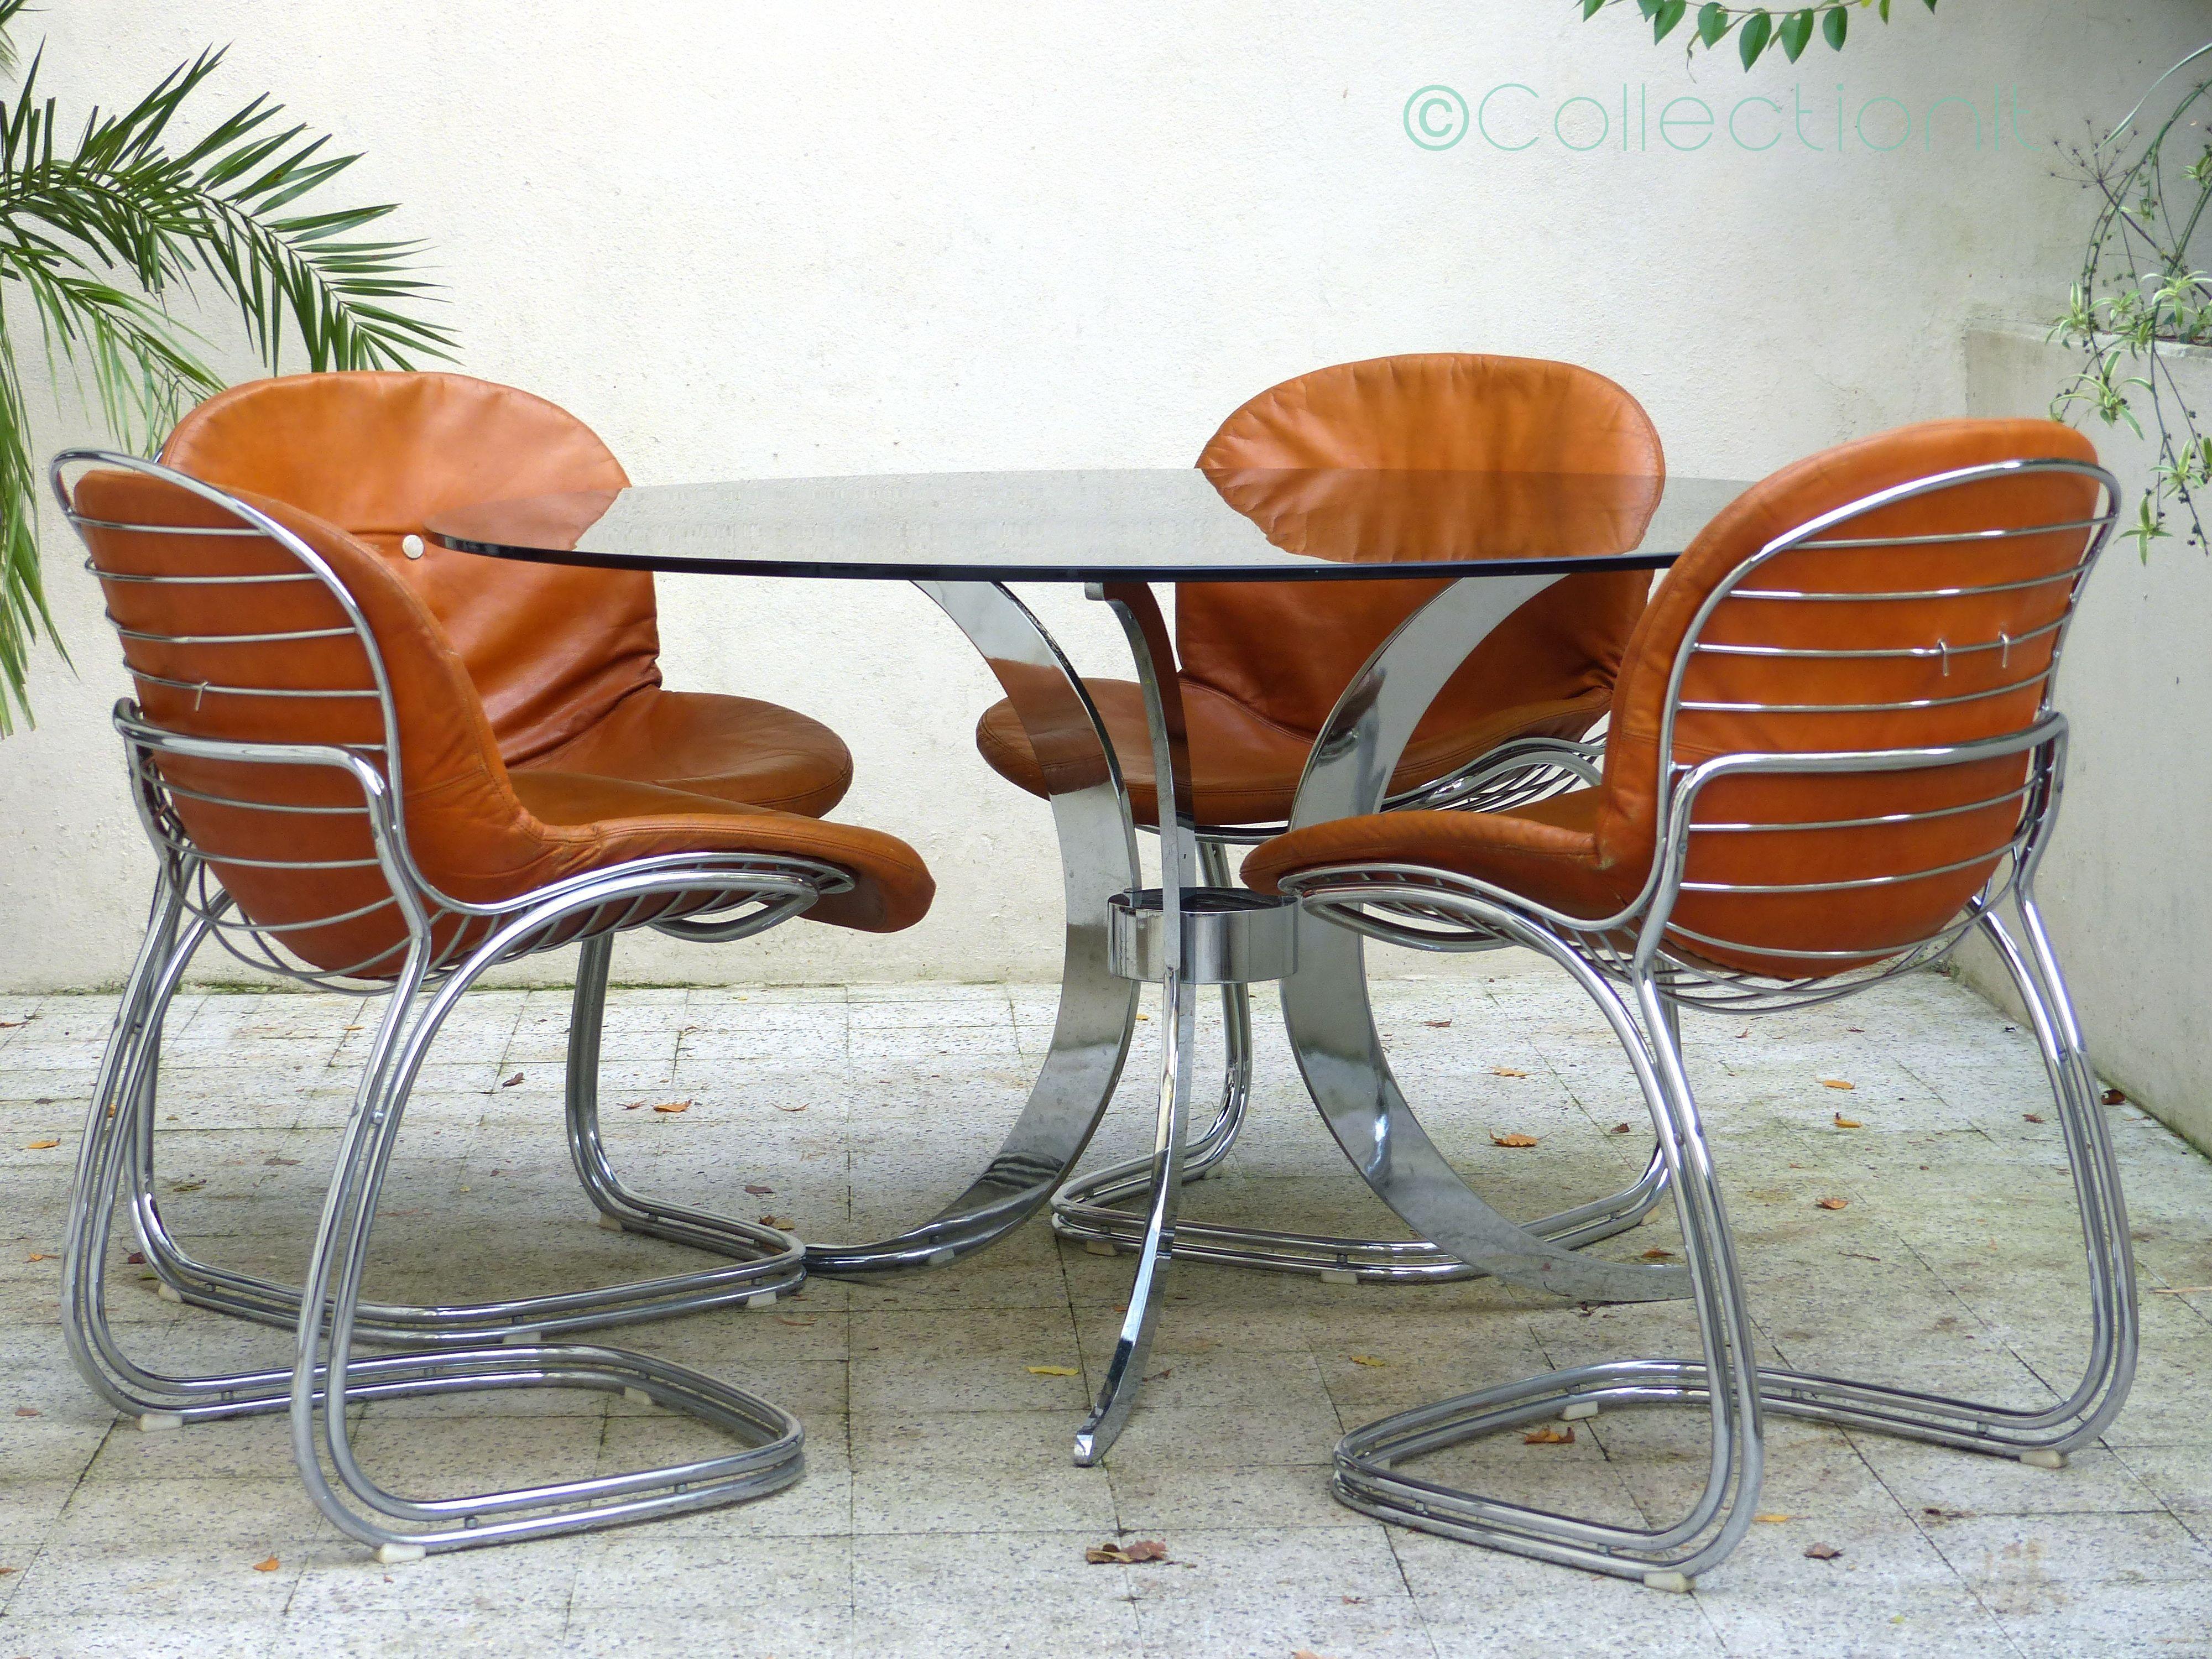 Table Et Chaises Design Italien Gastone Rinaldi Vintage Product Page Light Fixtures